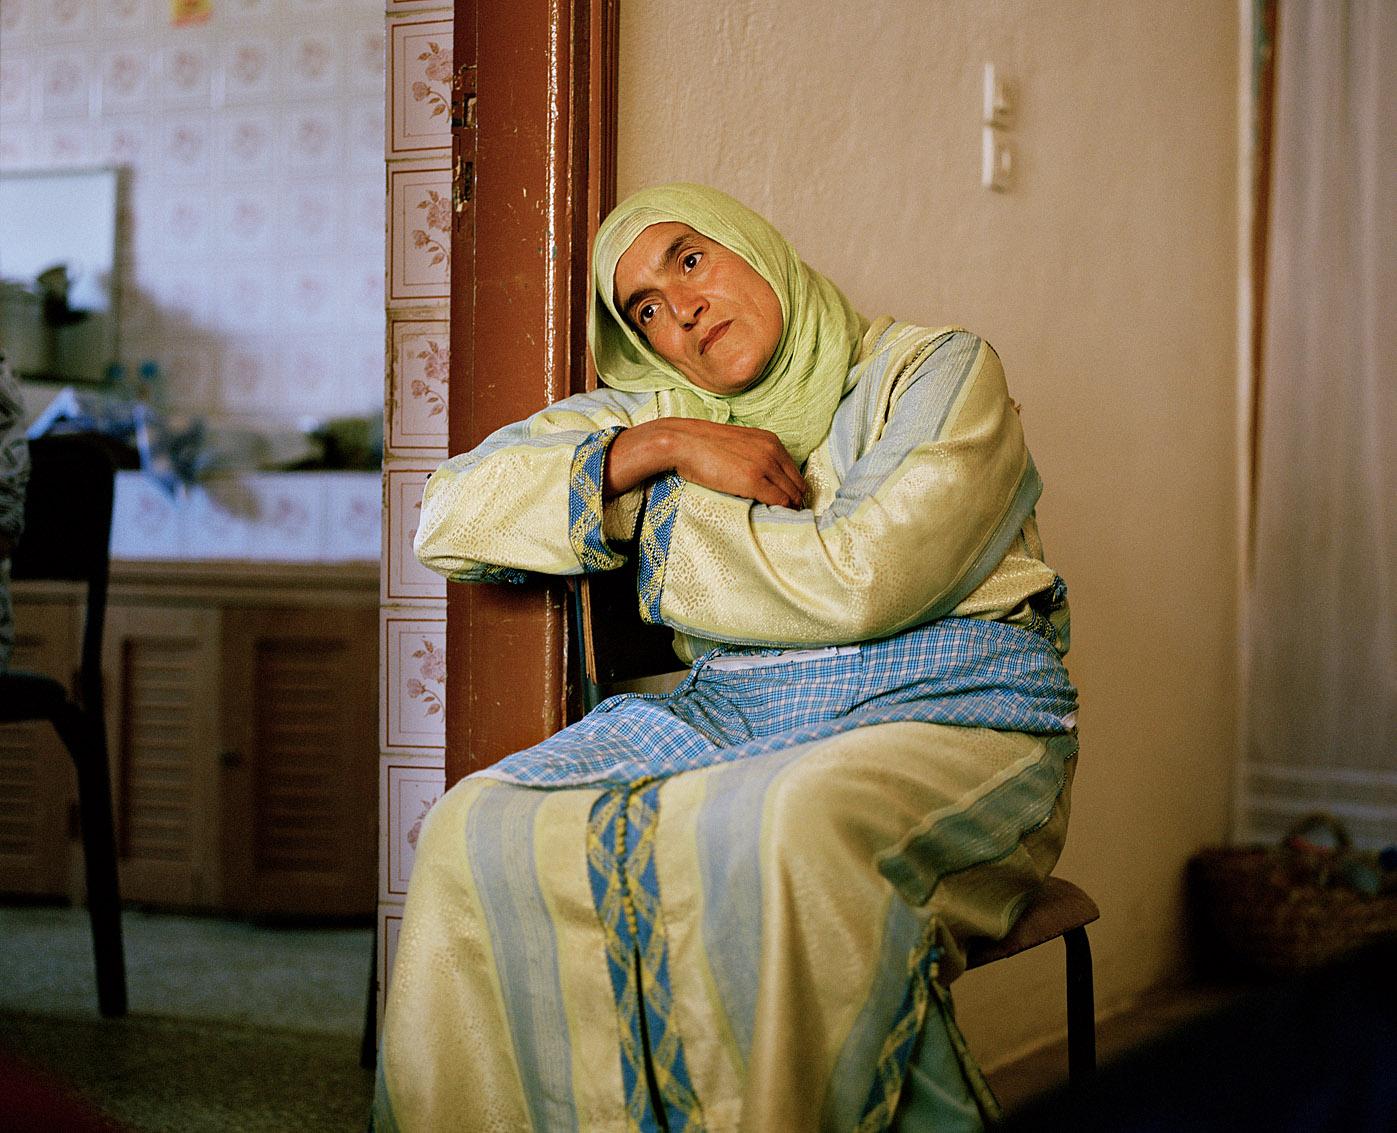 L'une des femmes de la coopérative de femmes Achifae (guérison en Berbère) du village de Ben Smim, Maroc.